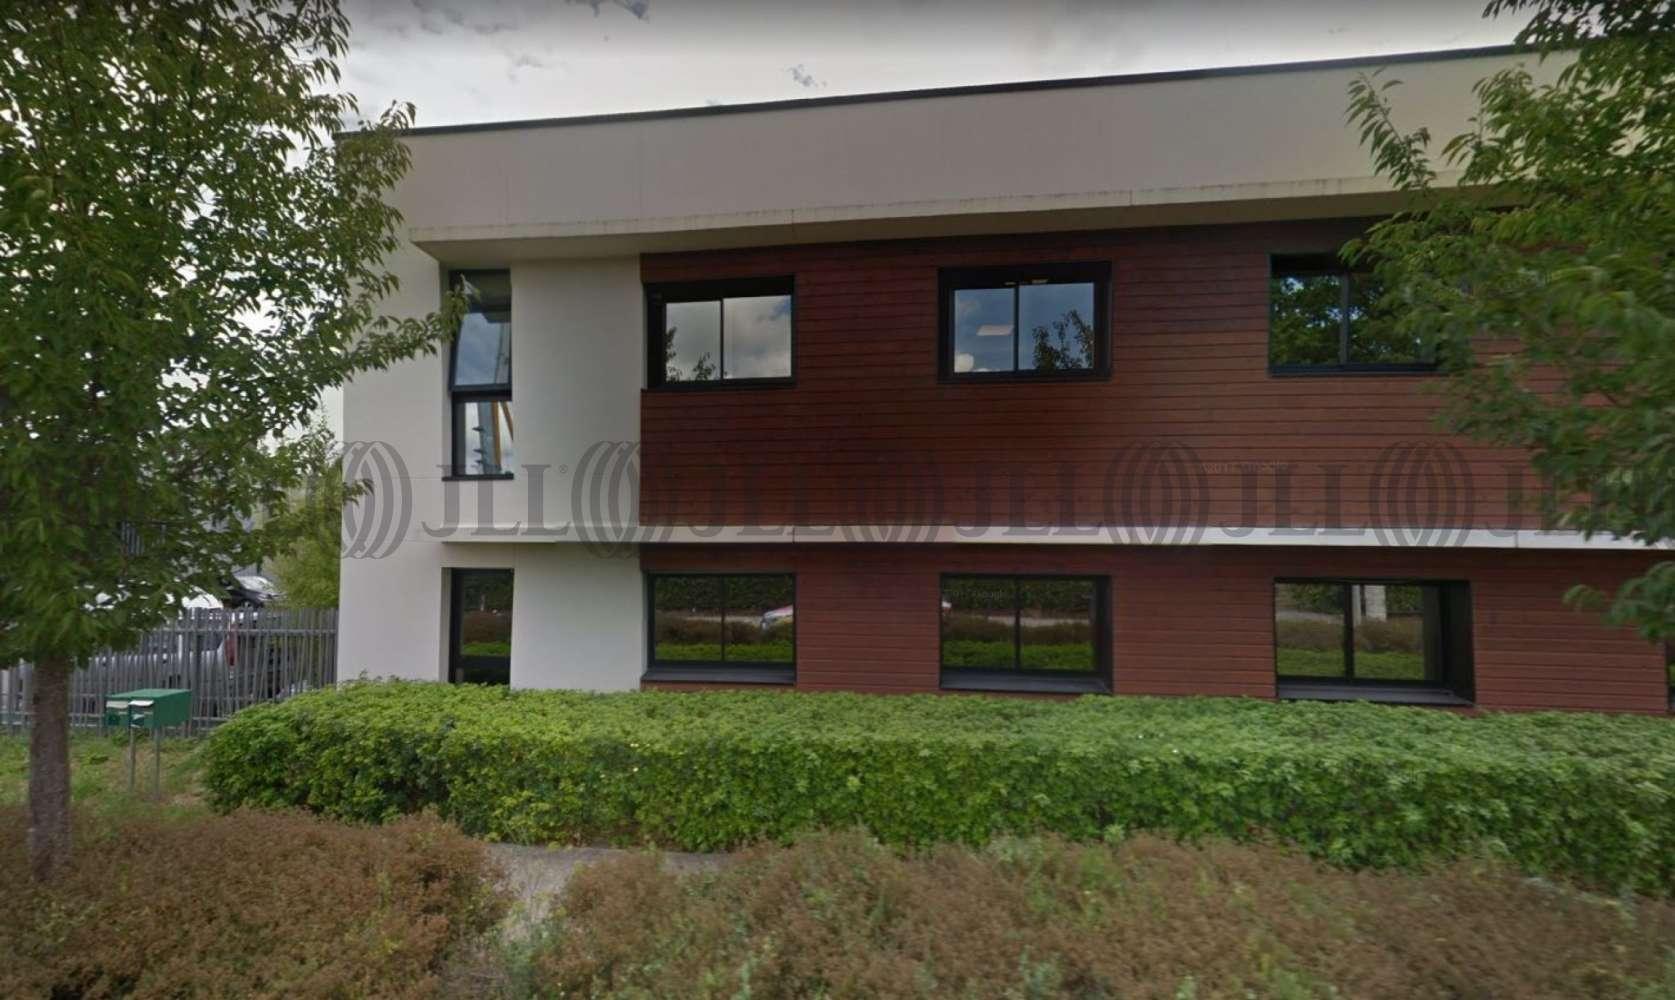 Activités/entrepôt St herblain, 44800 - 8. RUE DE LA RABOTIERE - 10887188